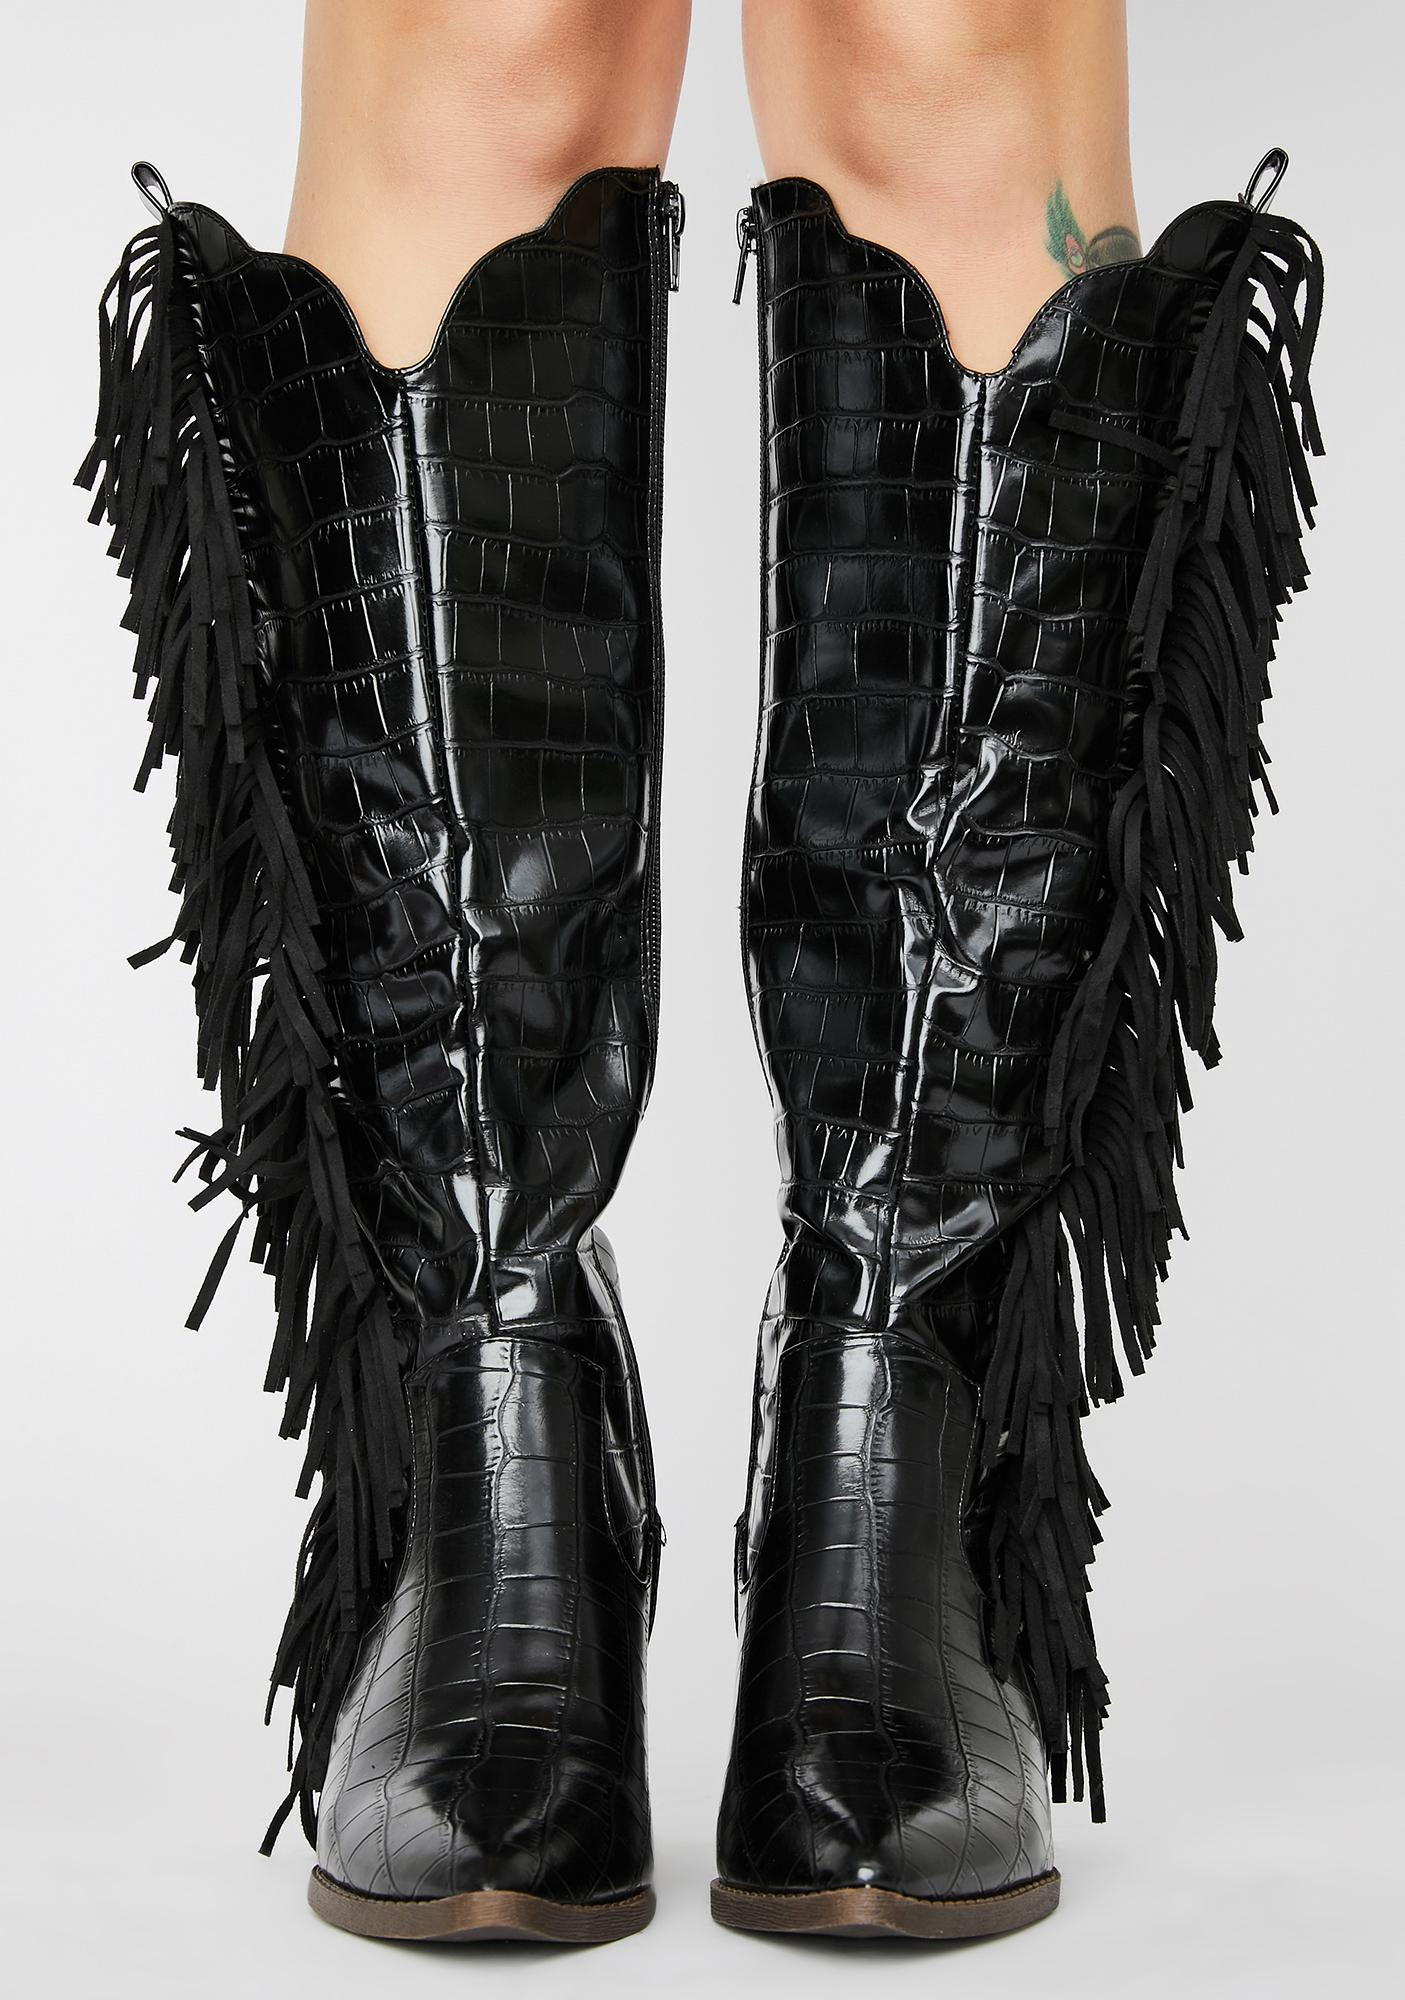 Noir Stagecoach Stunner Cowboy Boots